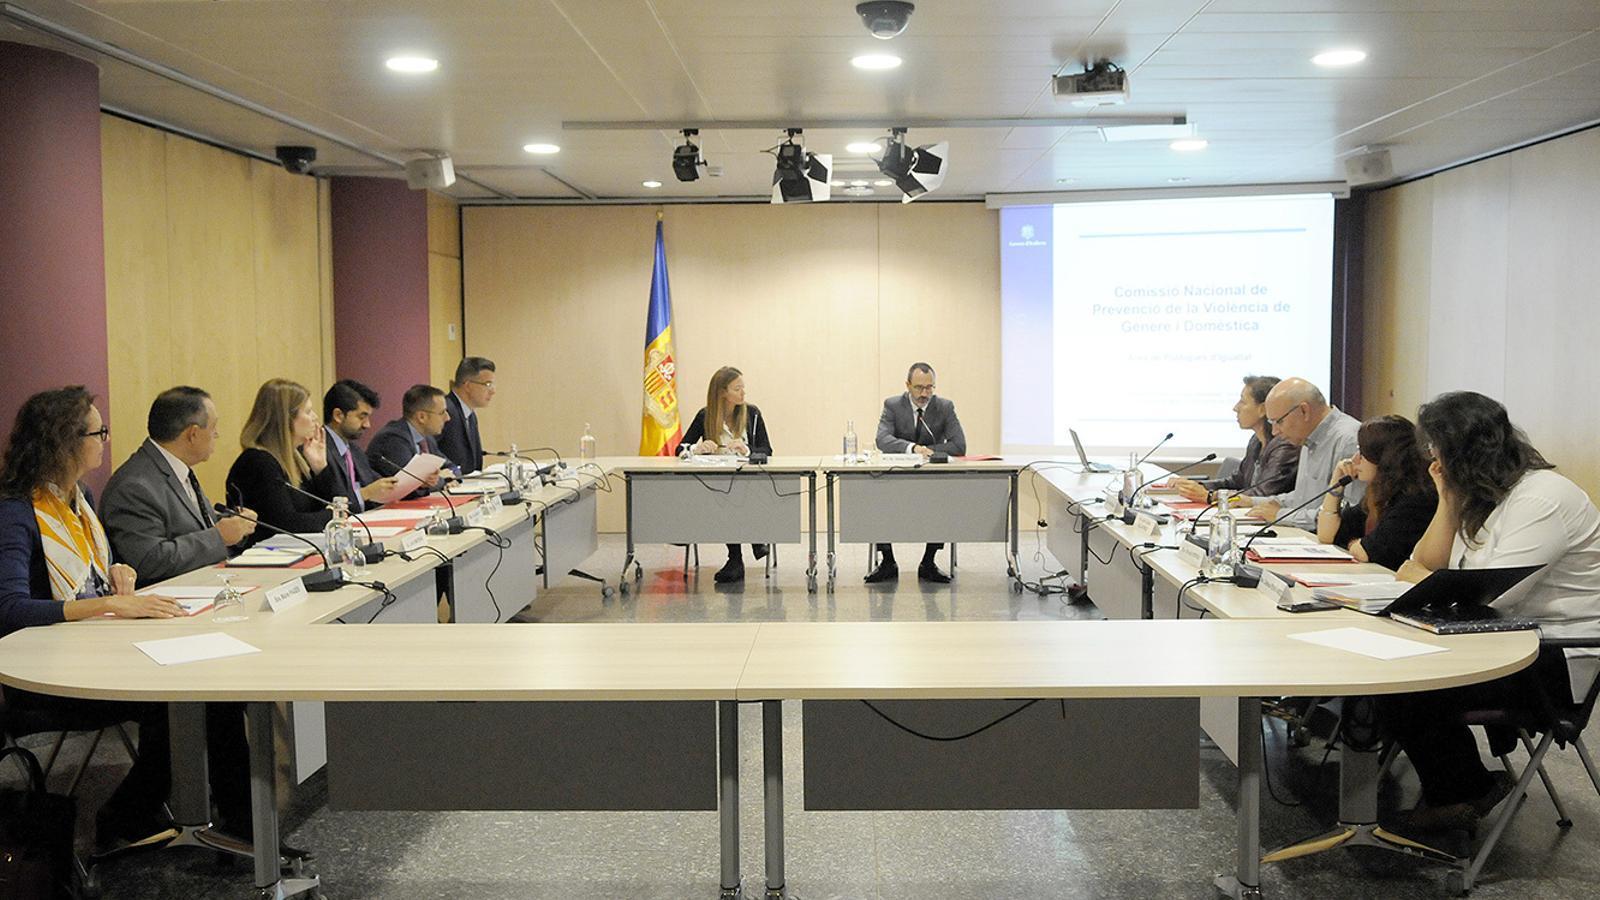 Un moment de la reunió de la comissió nacional de prevenció de la violència de gènere i domèstica. / SFG